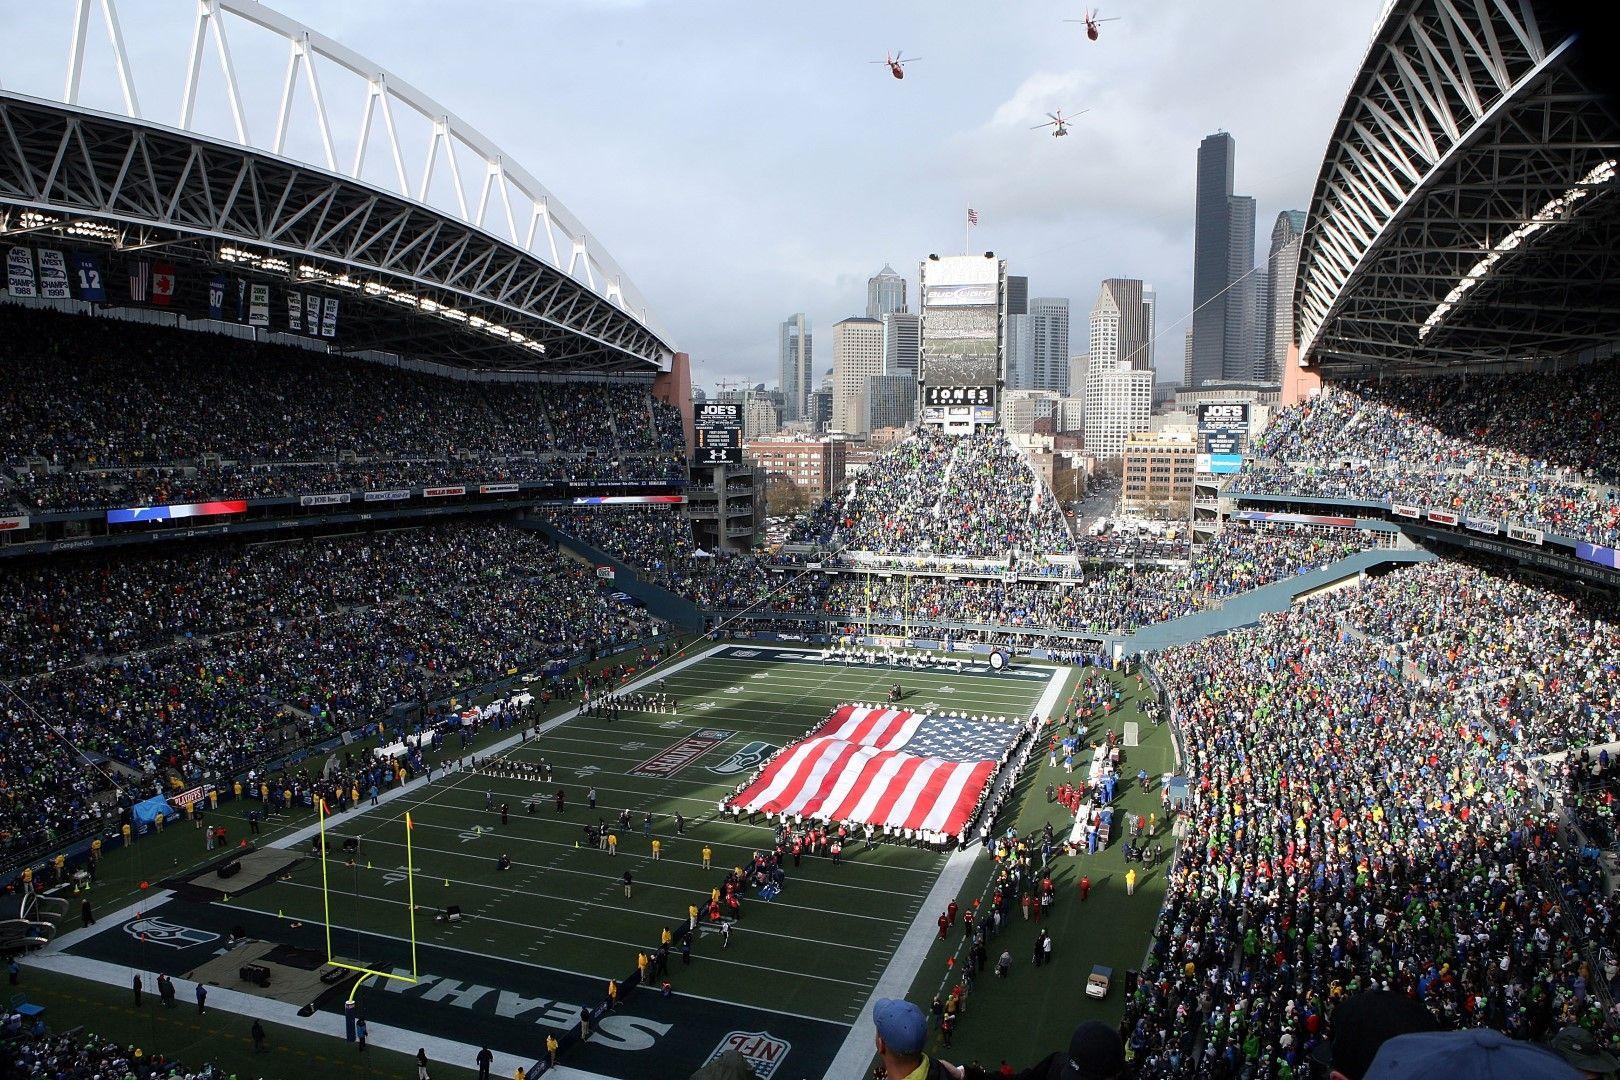 """Сиатъл е красив град и това личи от тази гледка на """"СенчъриЛинк Фийлд"""". Арената е дом на Сиатъл Сийхоукс (американски футбол) и Сиатъл Саундърс (футбол). Събира 67 хиляди души и това със сигурност е най-красивата му снимка."""